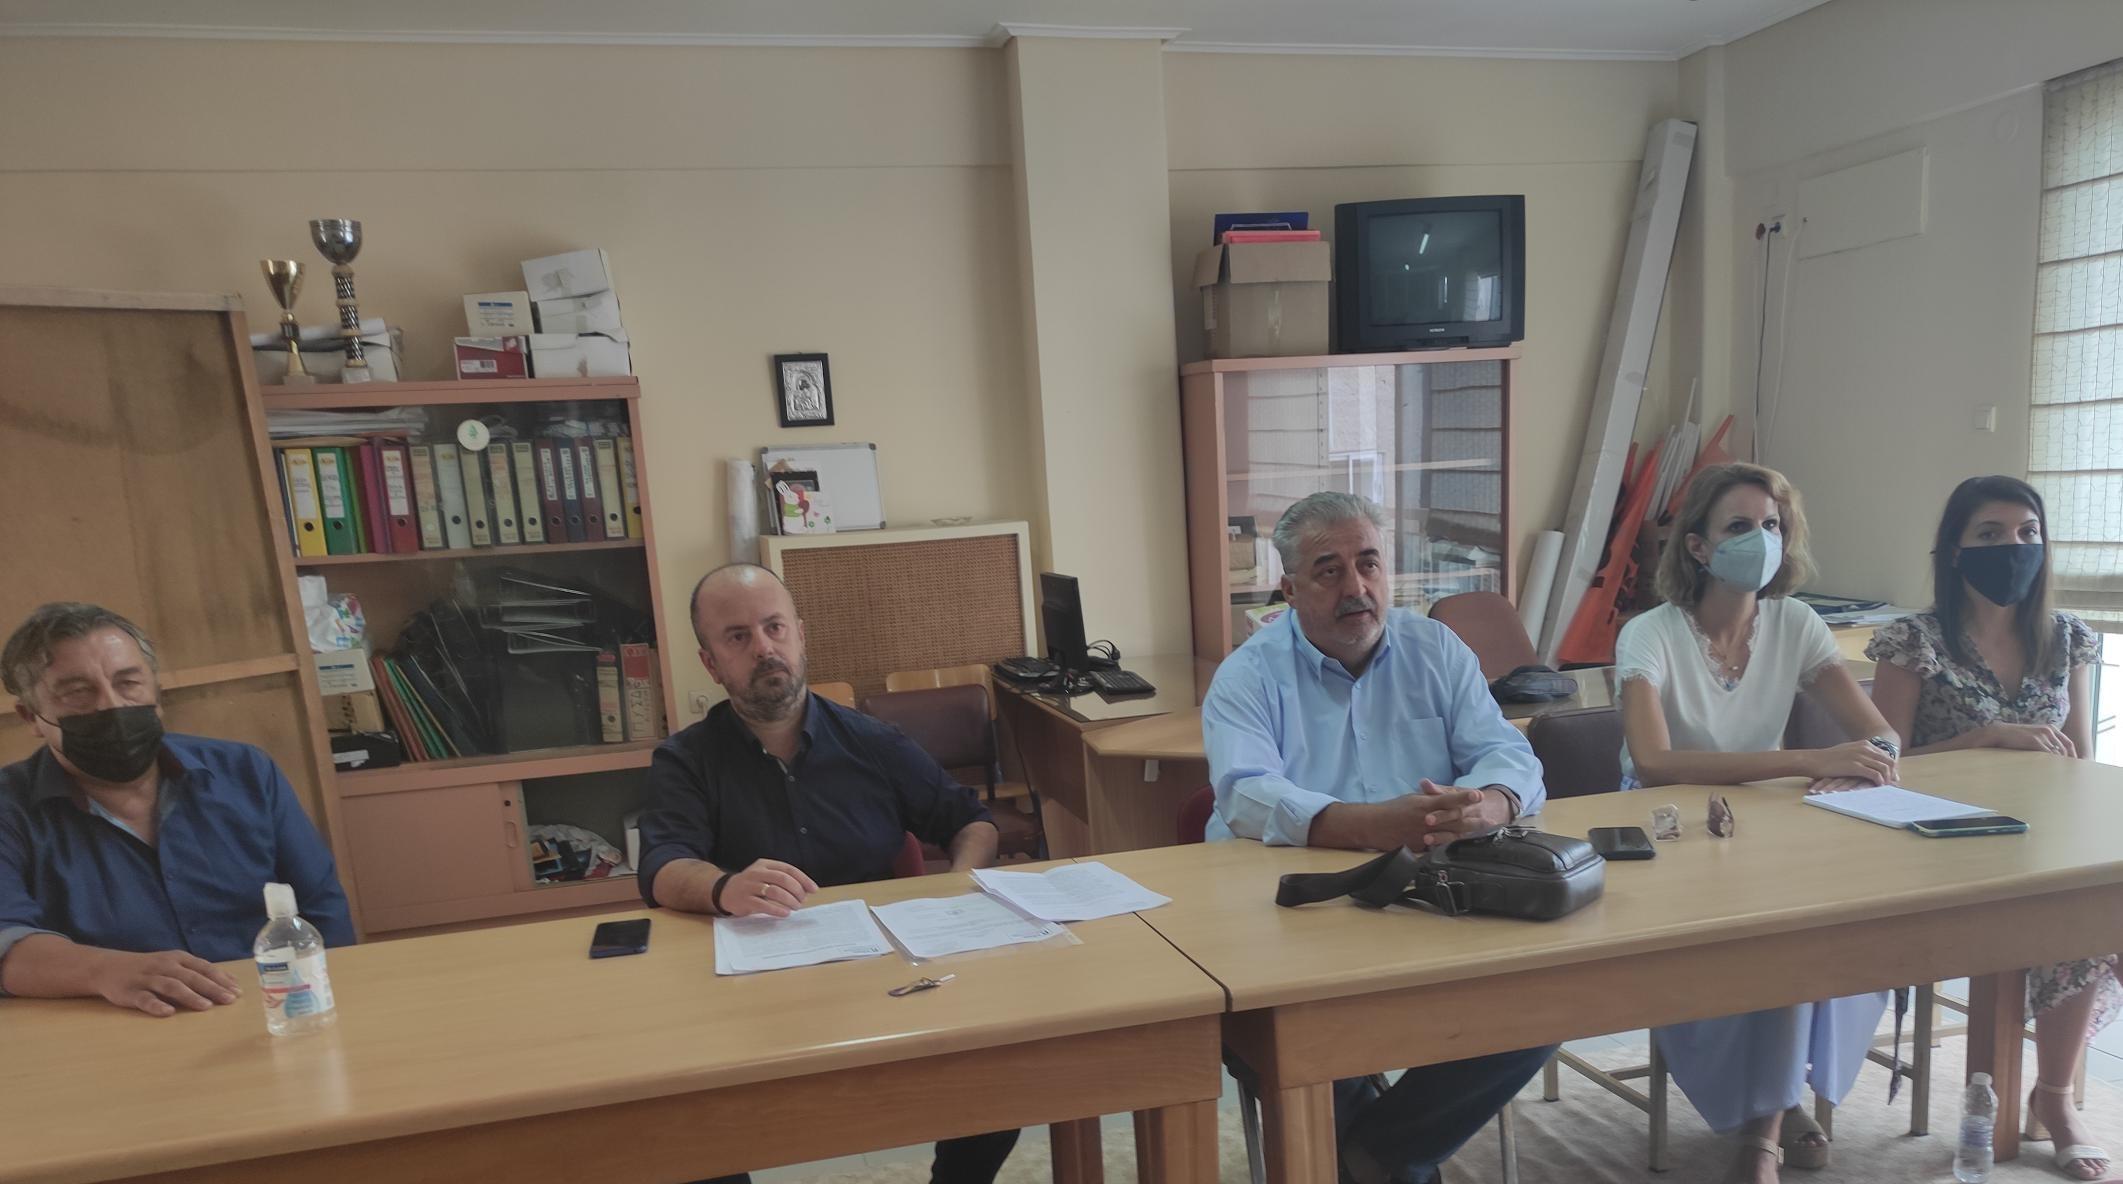 Αγρίνιο: Β' ΕΛΜΕ και Σύλλογος Εκπαιδευτικών Π.Ε. έθεσαν επί τάπητος τα ανοιχτά «μέτωπα»